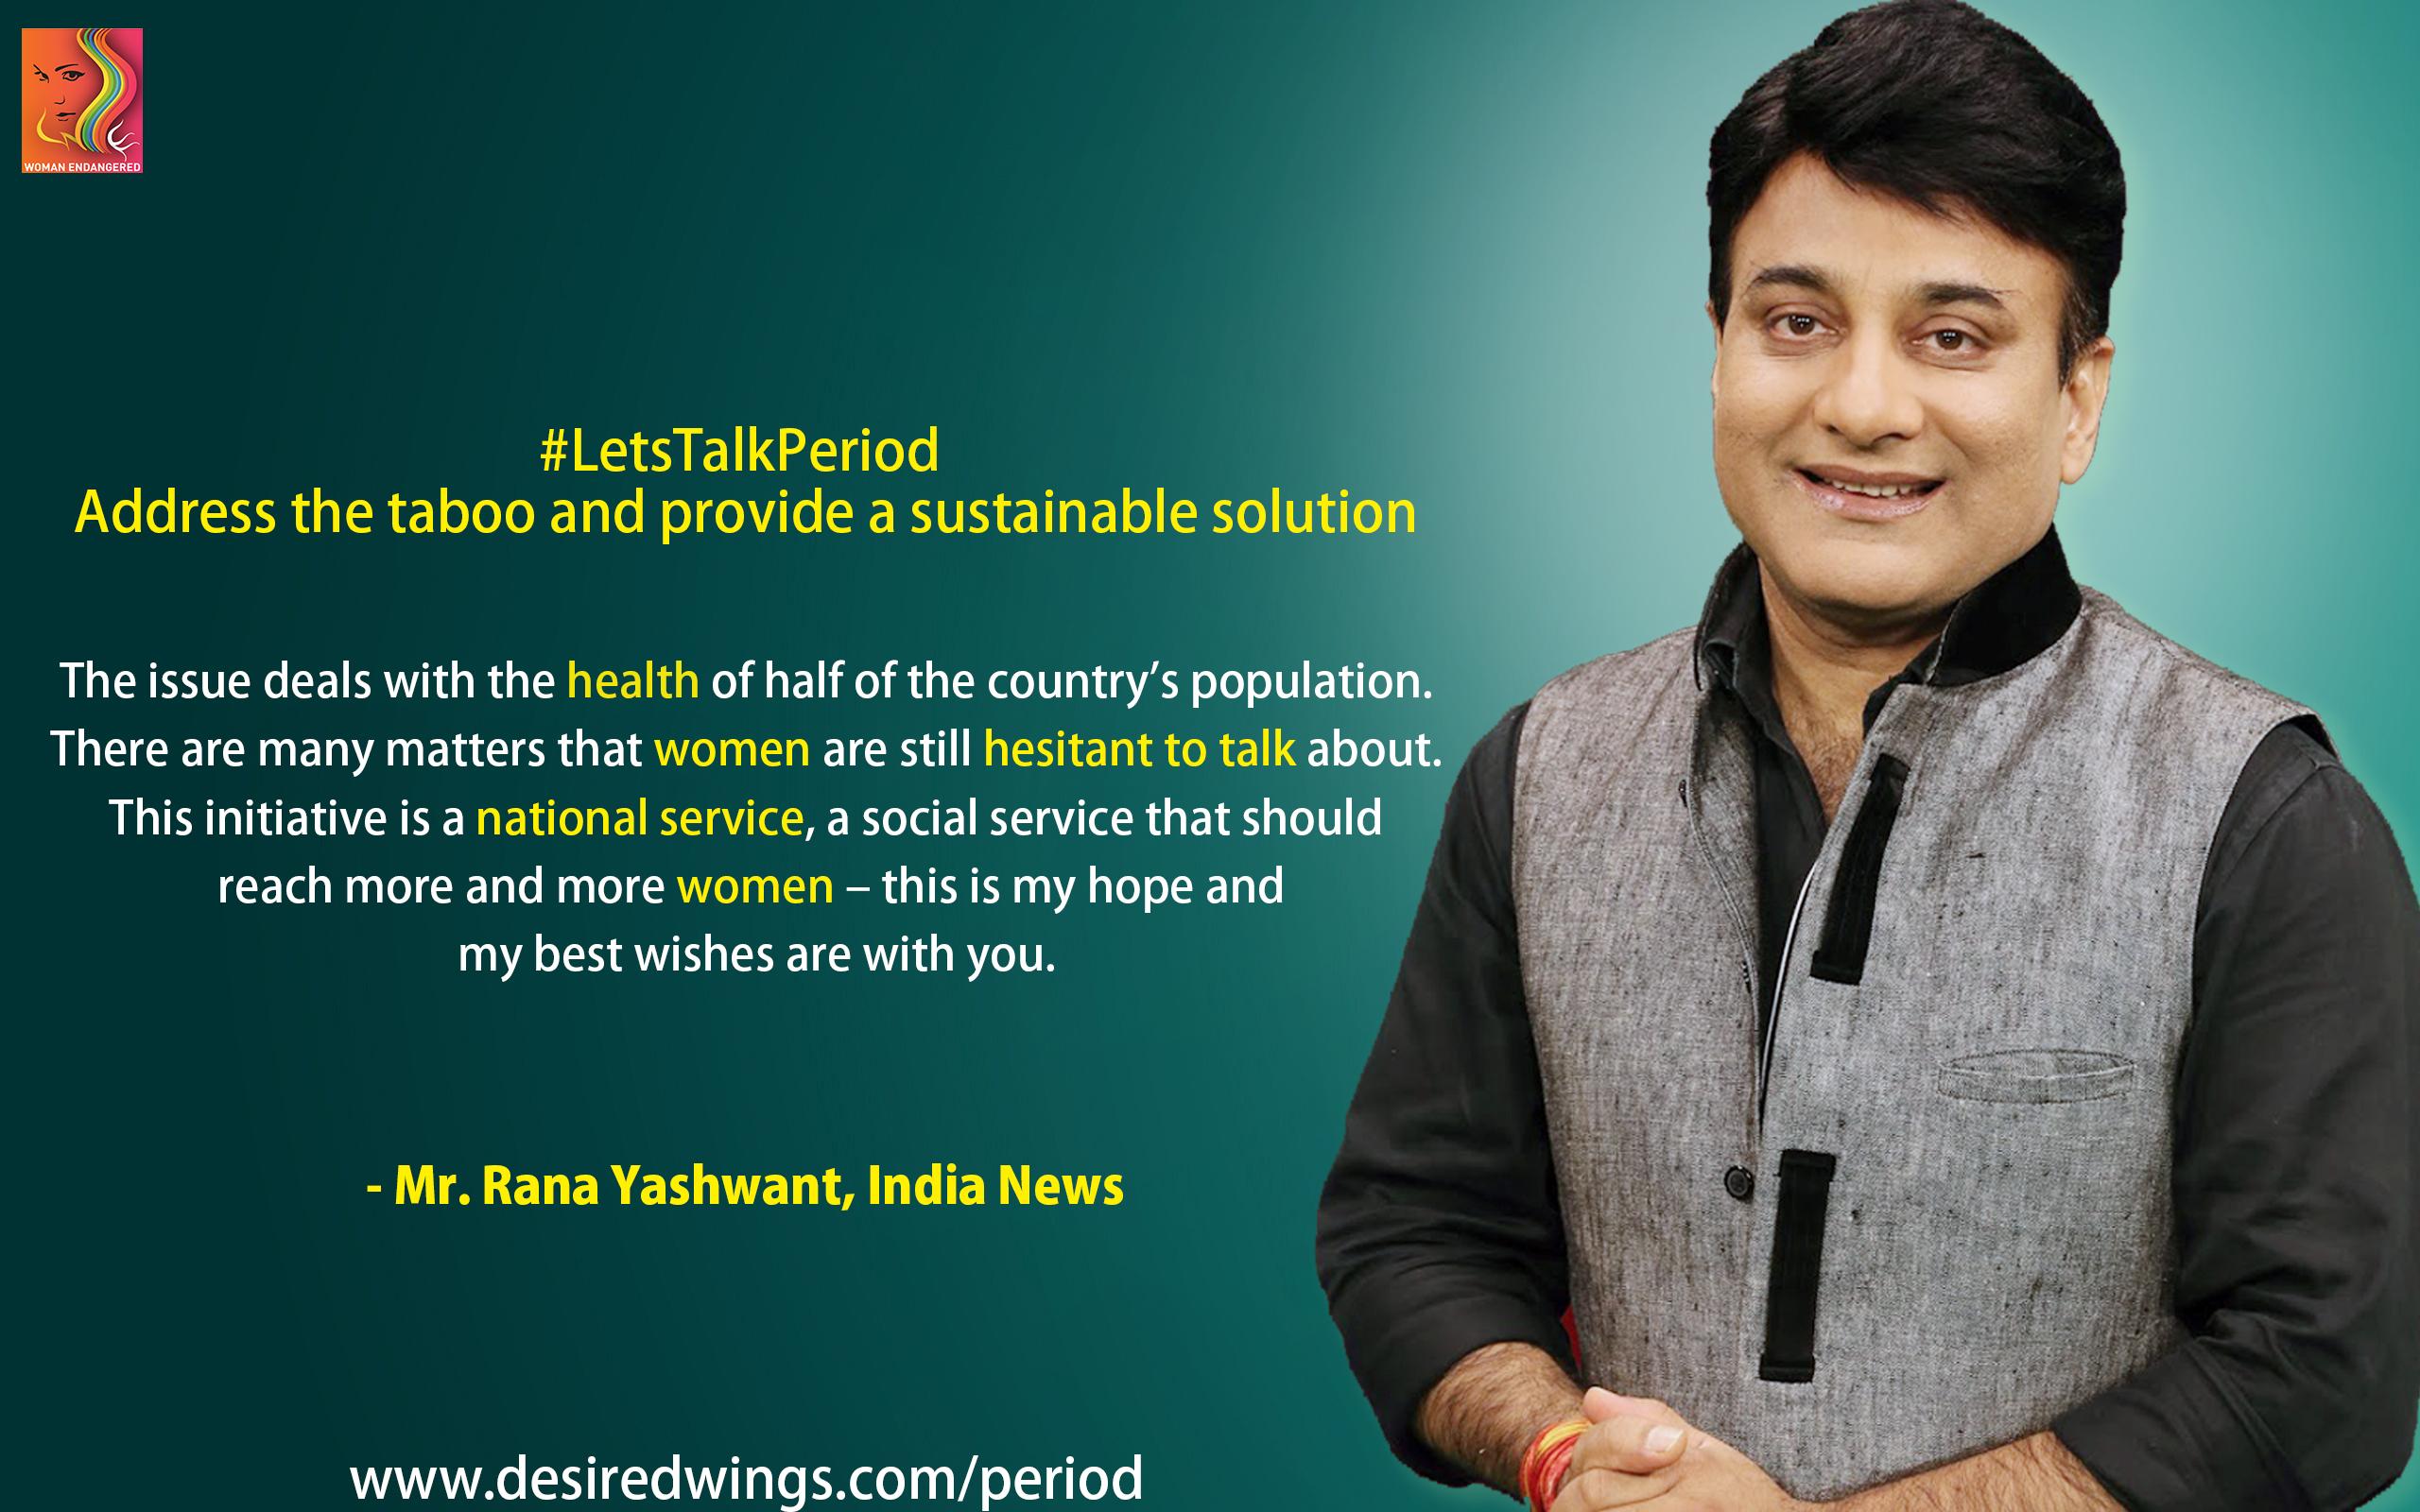 Rana-yashwant